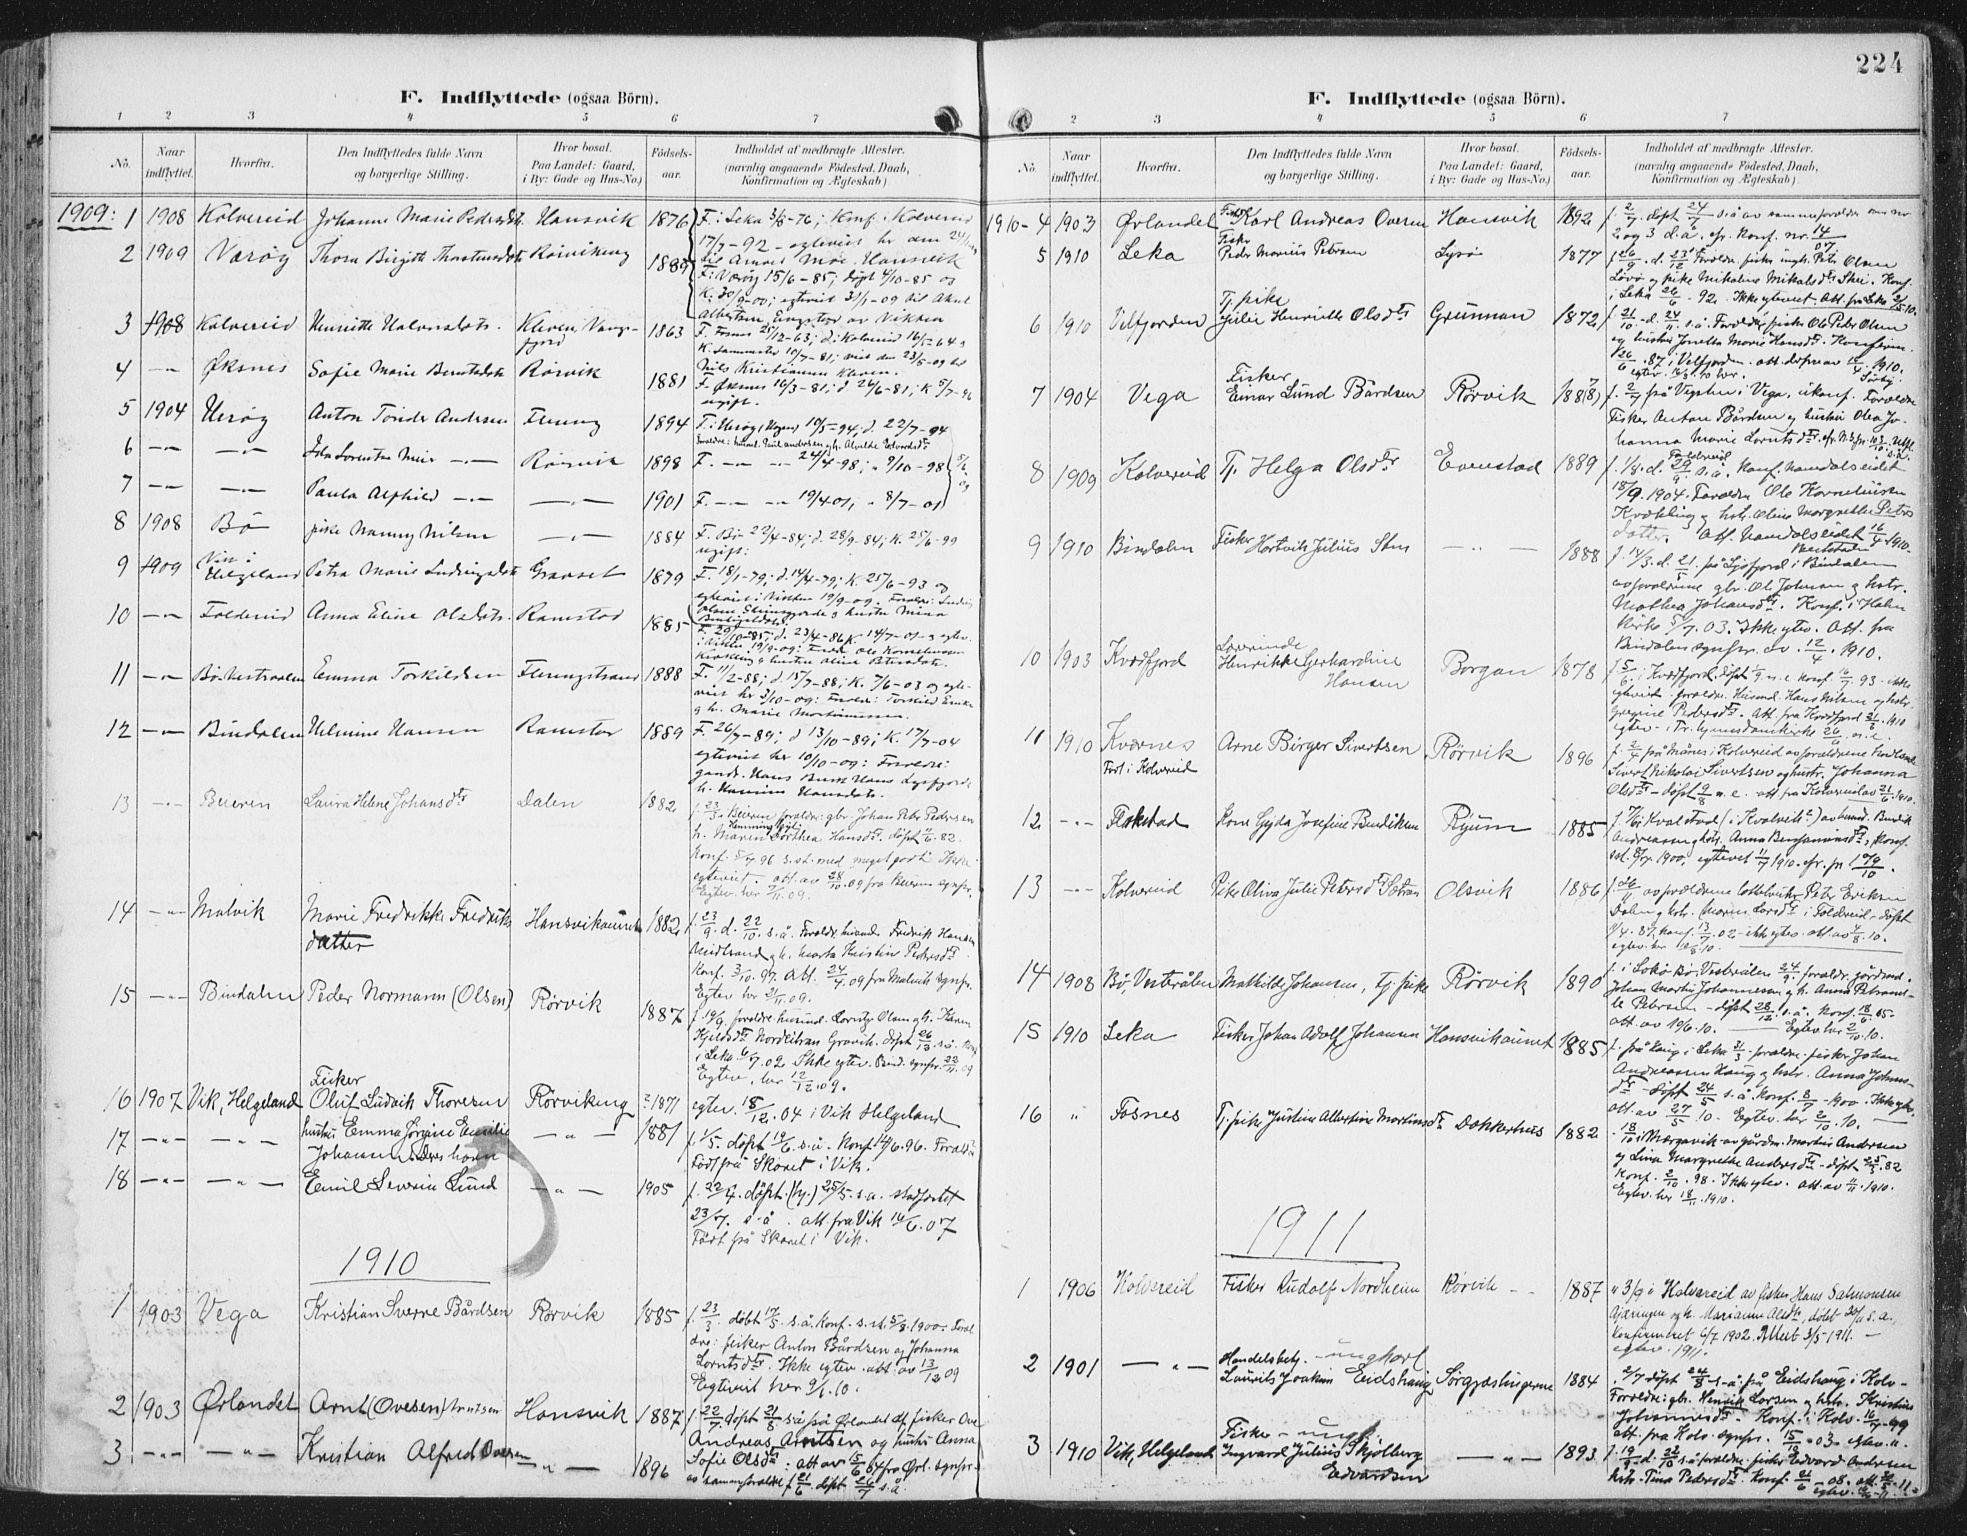 SAT, Ministerialprotokoller, klokkerbøker og fødselsregistre - Nord-Trøndelag, 786/L0688: Ministerialbok nr. 786A04, 1899-1912, s. 224